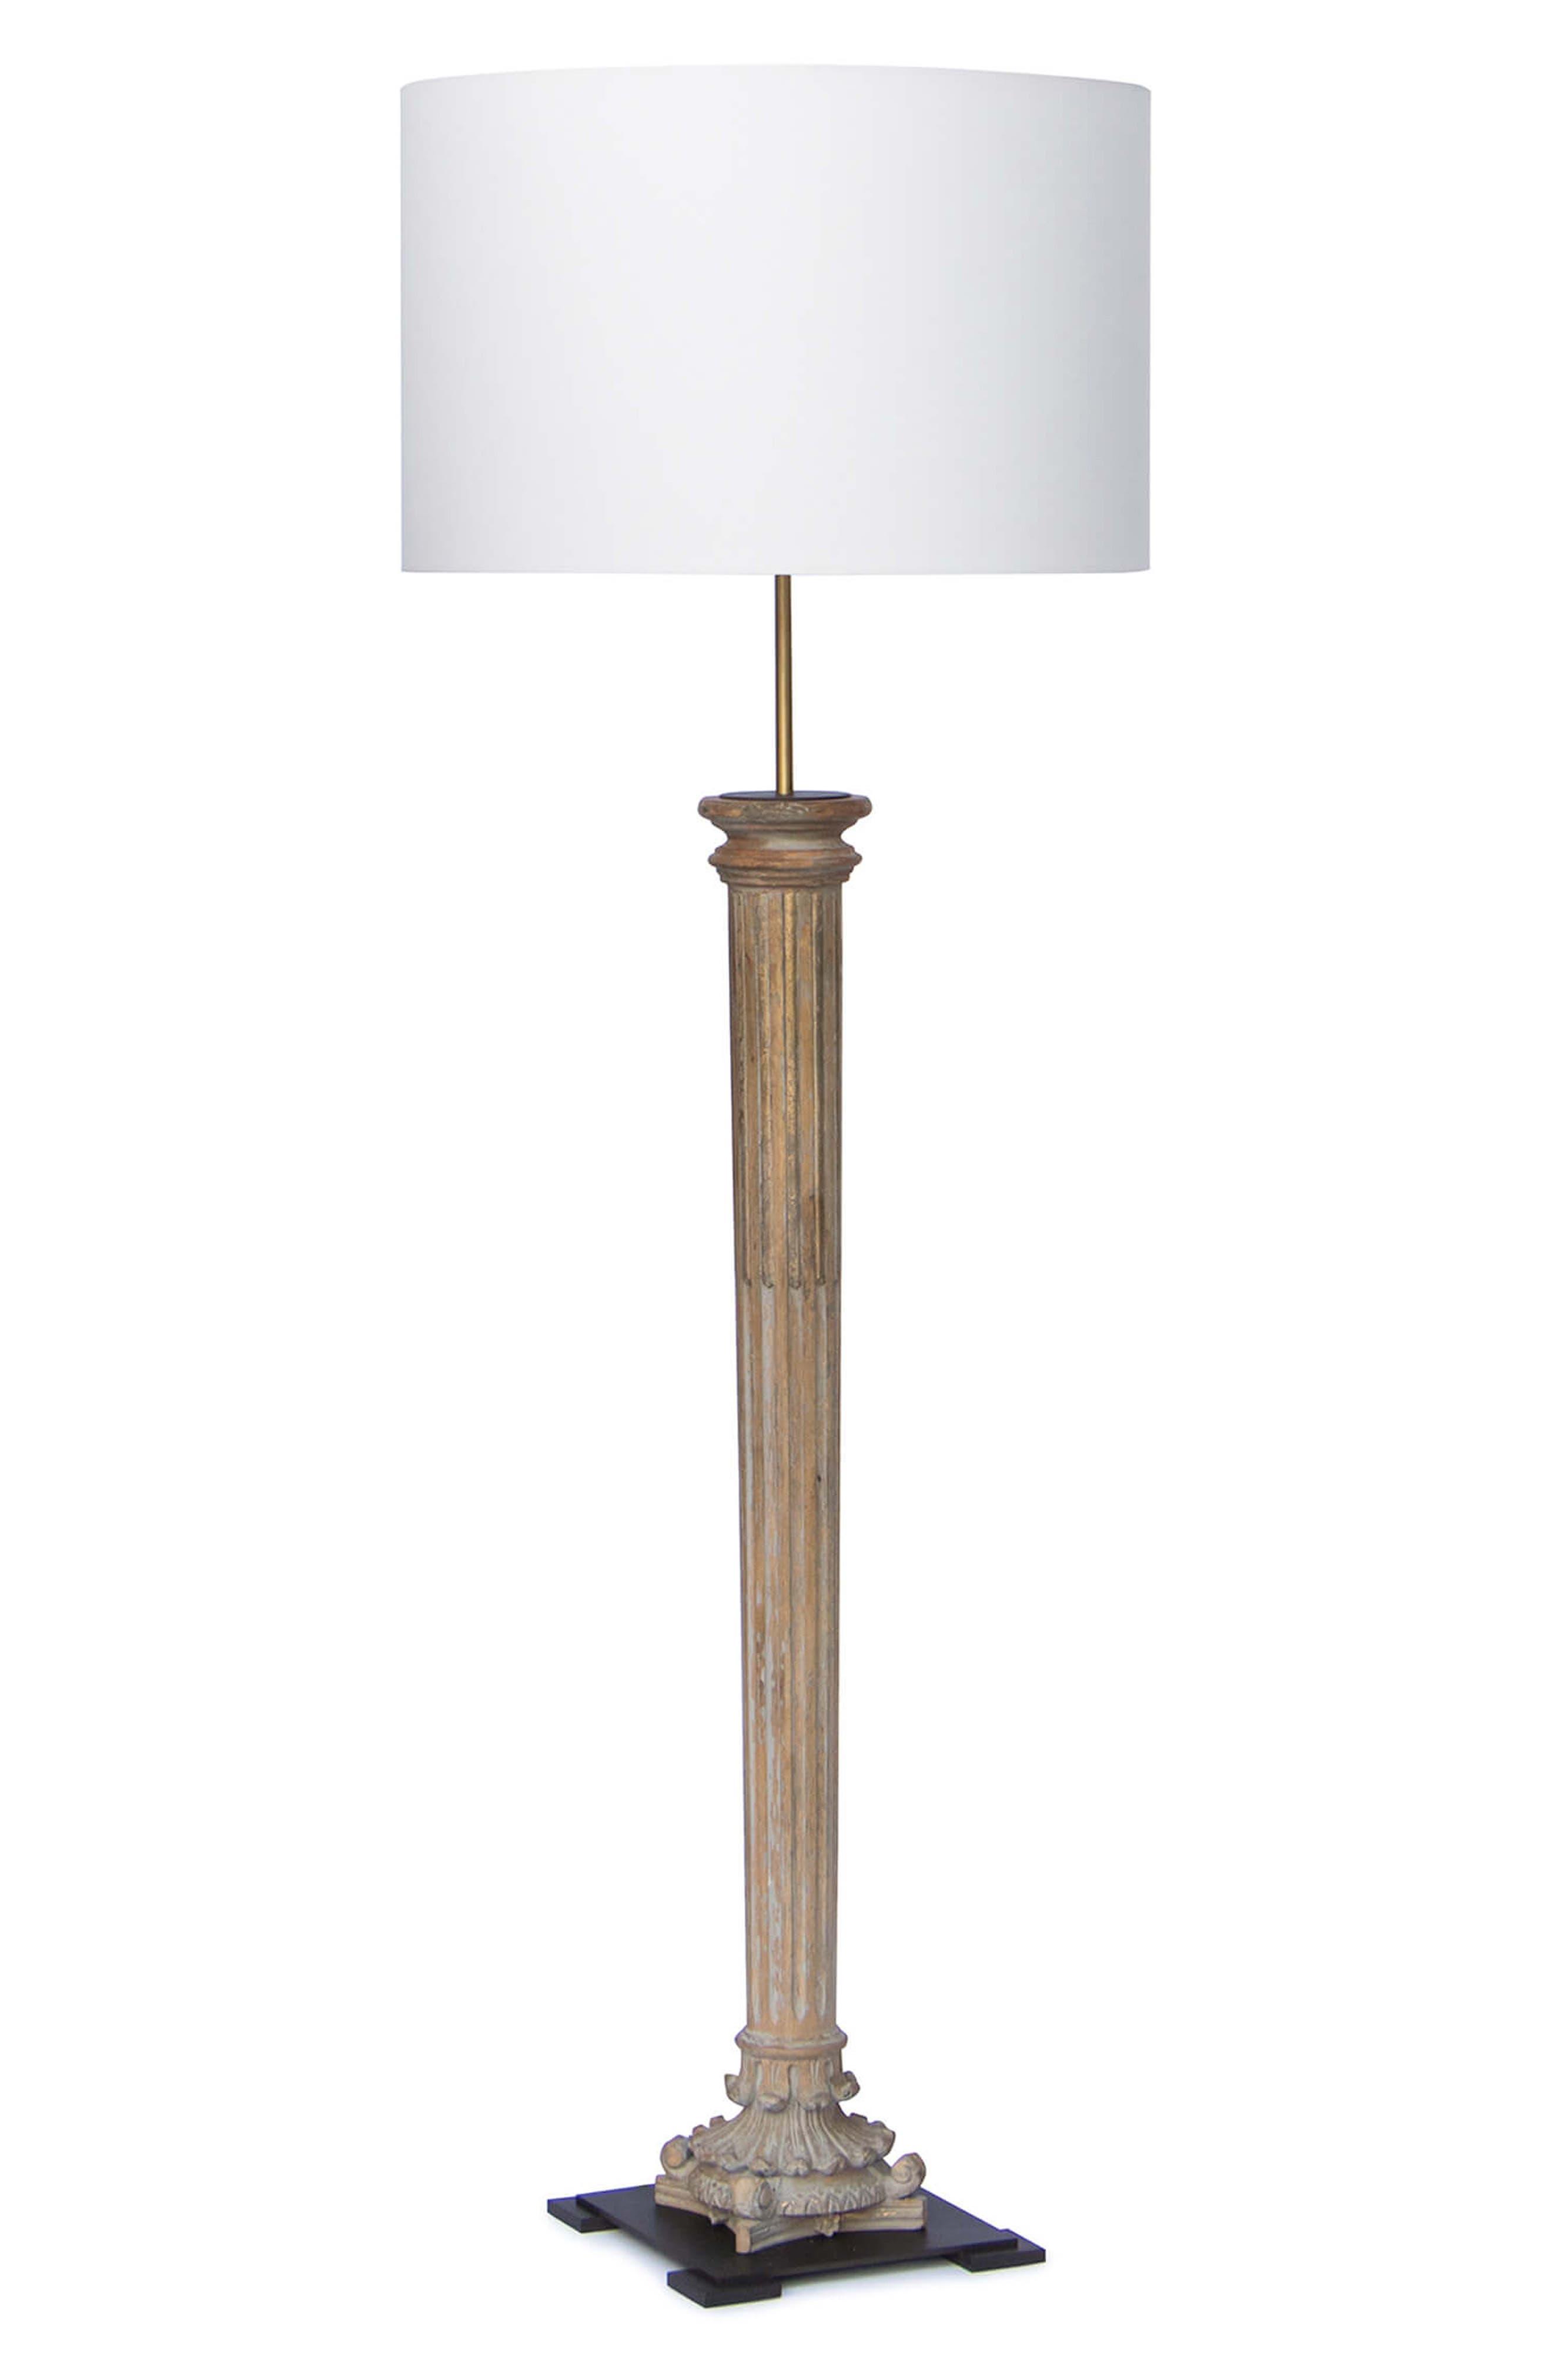 Design Reuben Floor Lamp,                             Main thumbnail 1, color,                             NATURAL BRASS